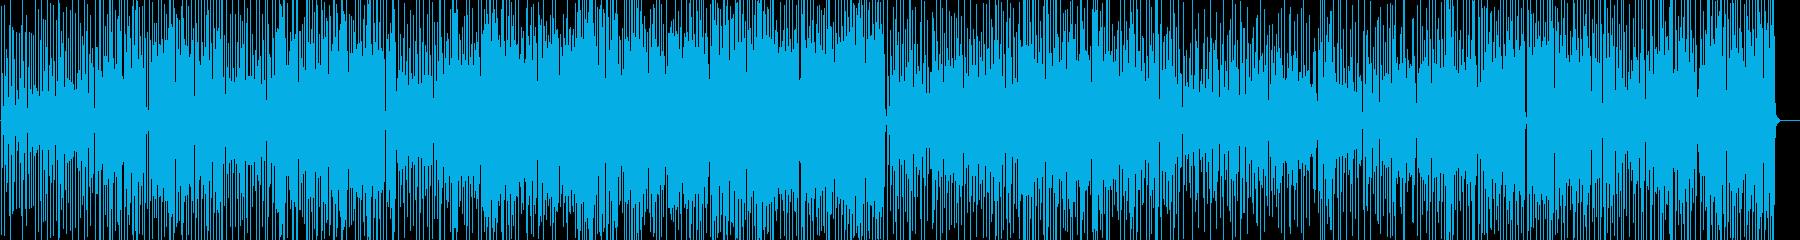 ご機嫌なサックスインスト音楽の再生済みの波形